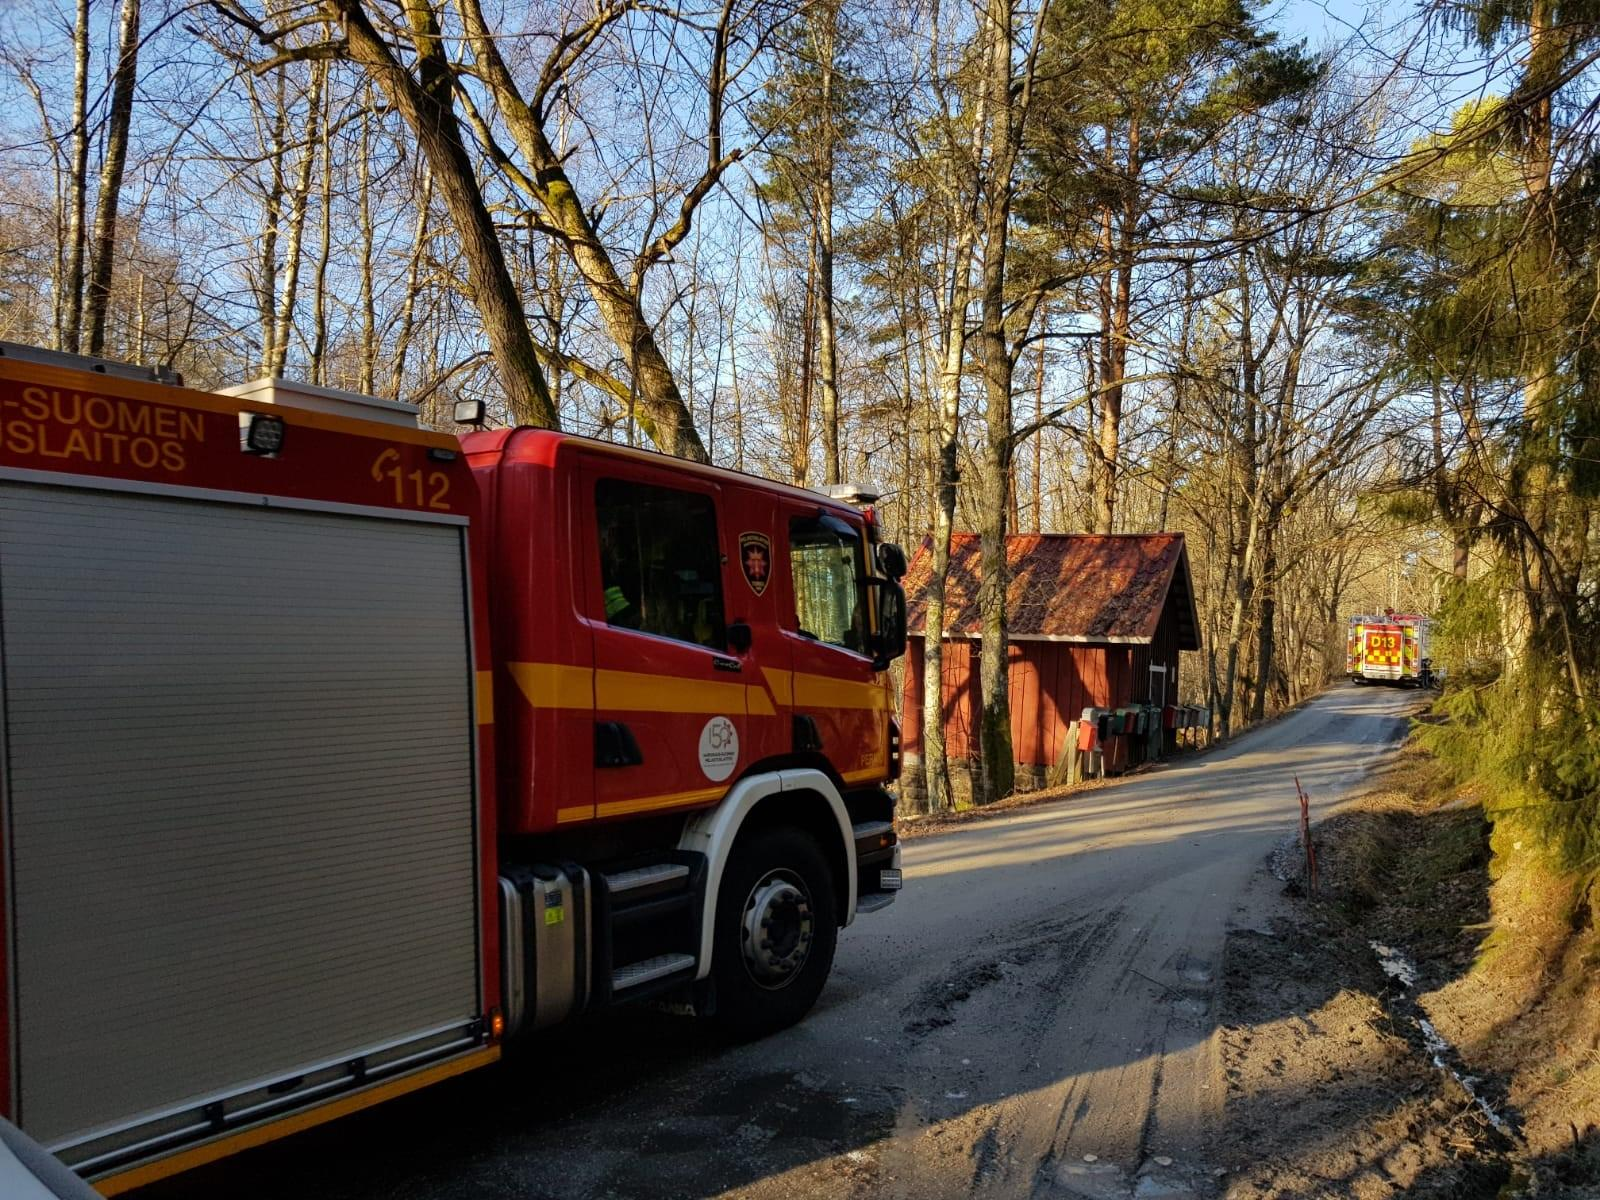 Brandbilar på en smal väg.